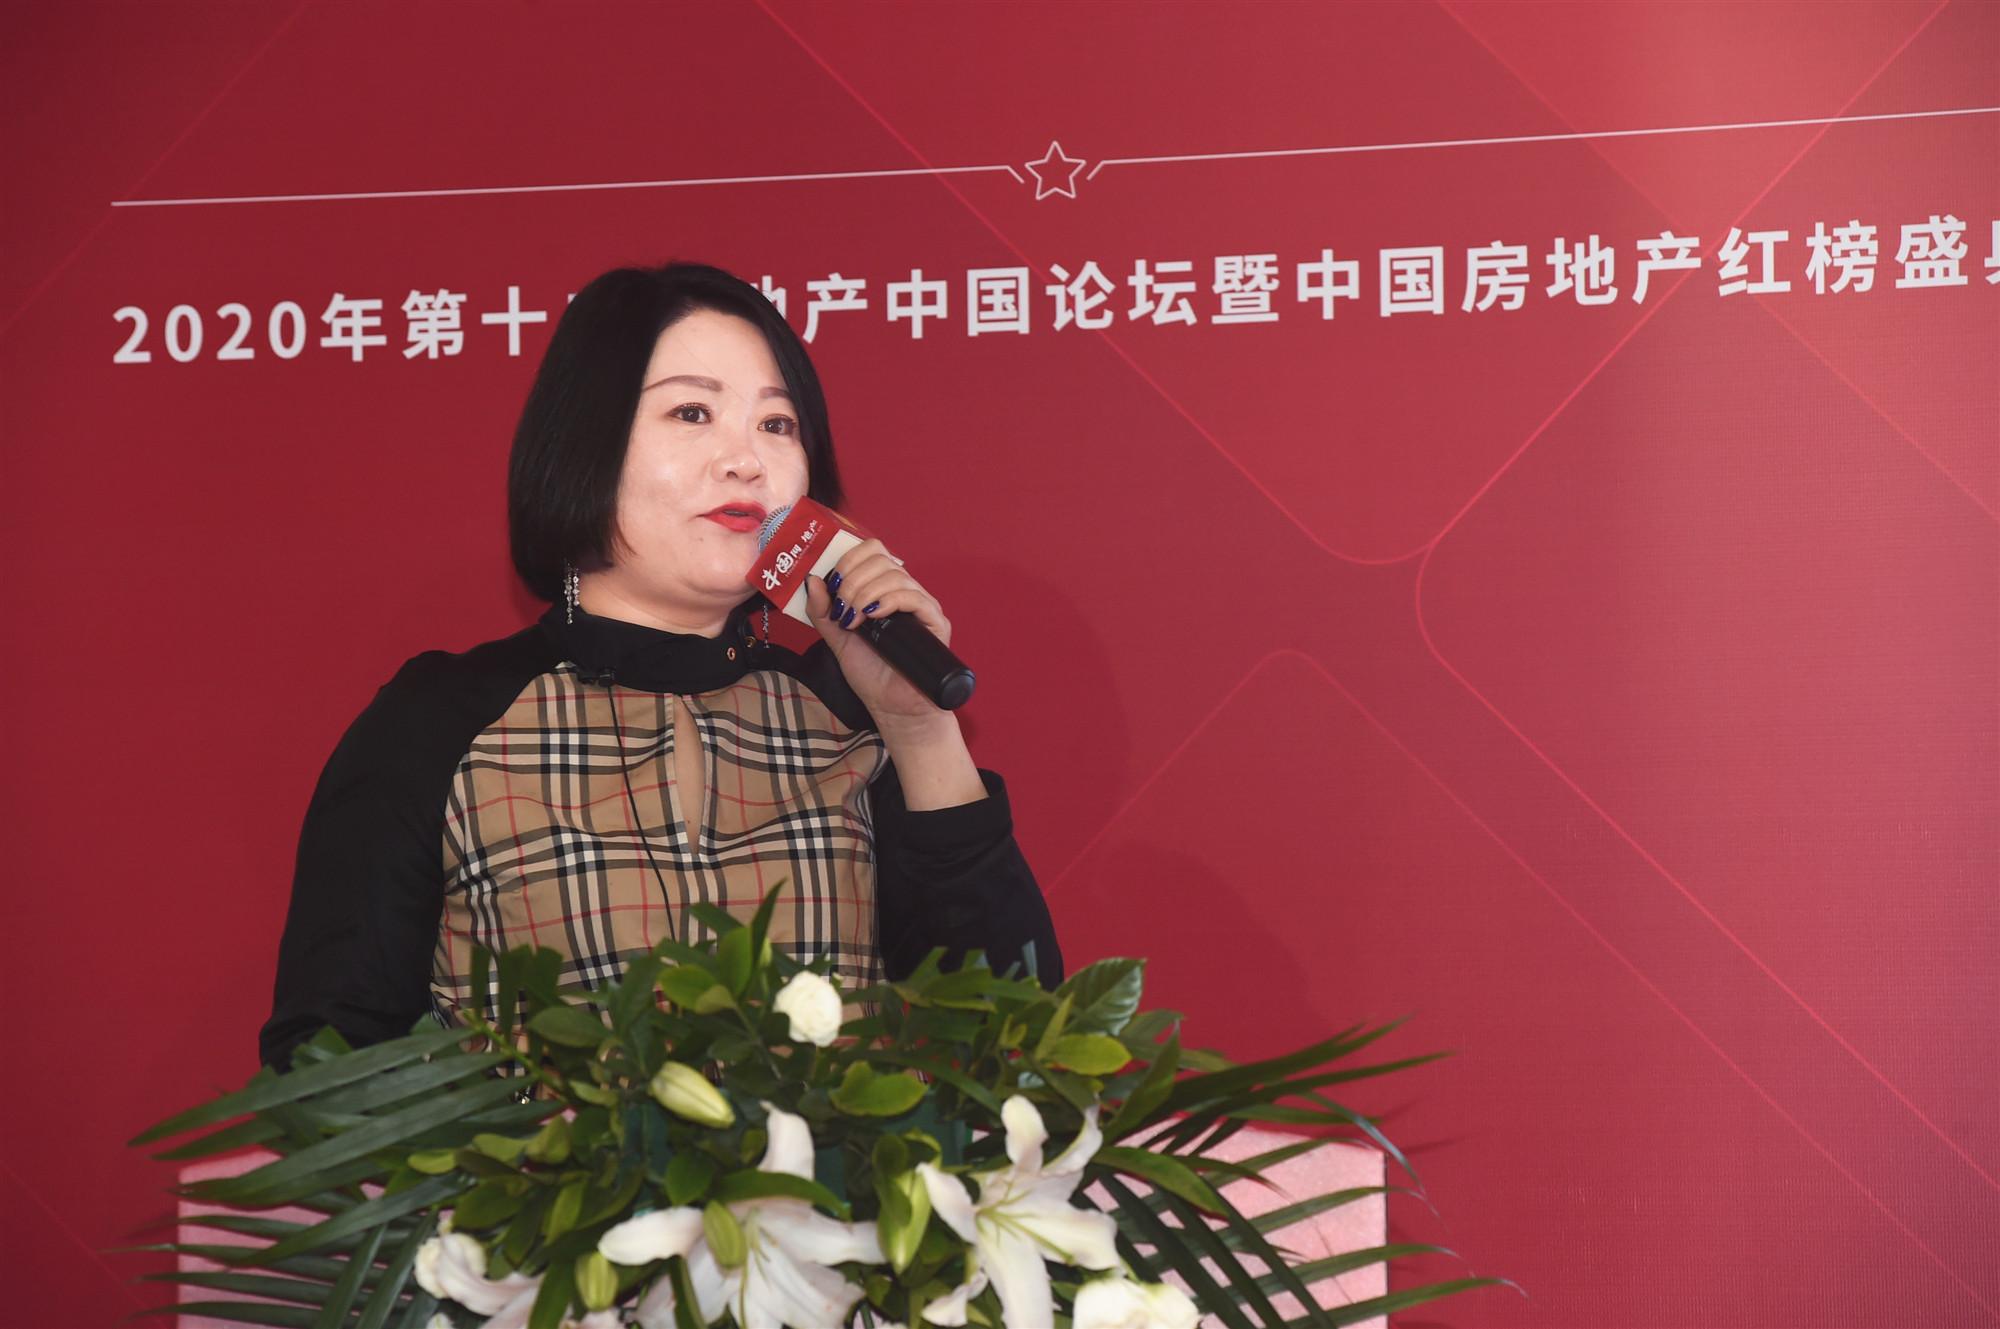 万年基业秦娜:文旅转型最重要在于对内容及运营的创新-中国网地产